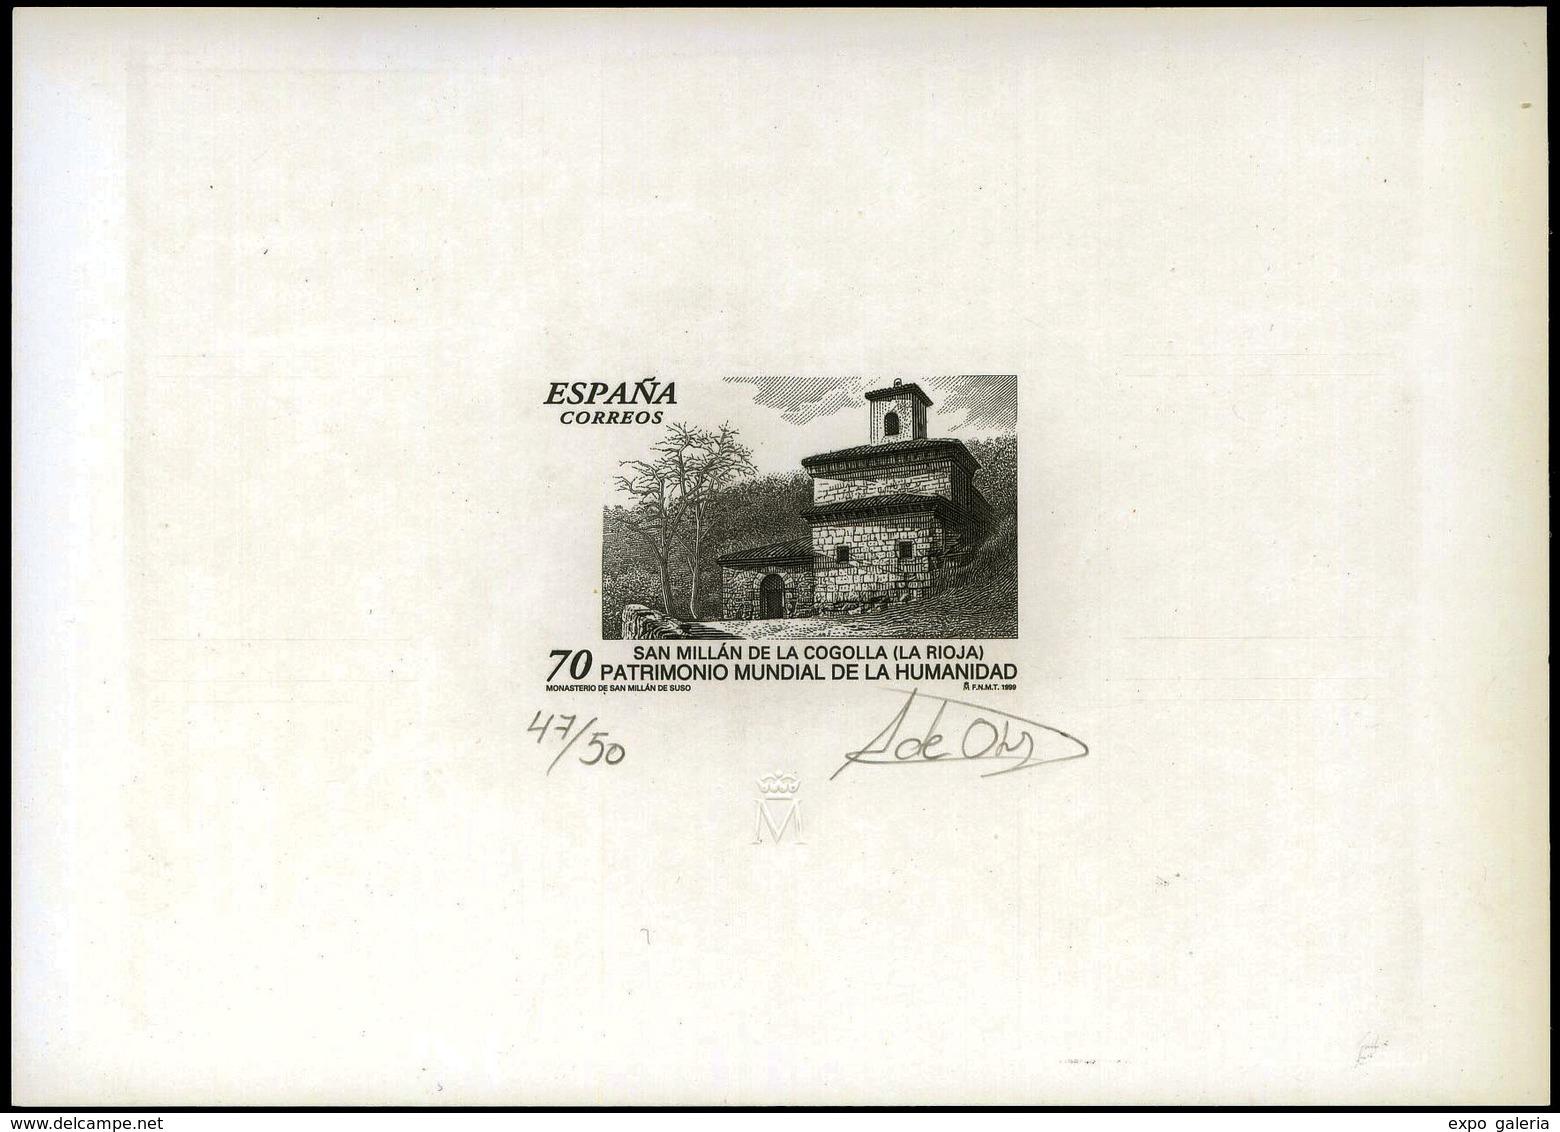 Ed. * 3663 - Patrimonio Mundial Humanidad. Prueba Artista. Tirada 50 Ejemplares, Numerada Y Firmada Por El Grabador - 1951-60 Lettres